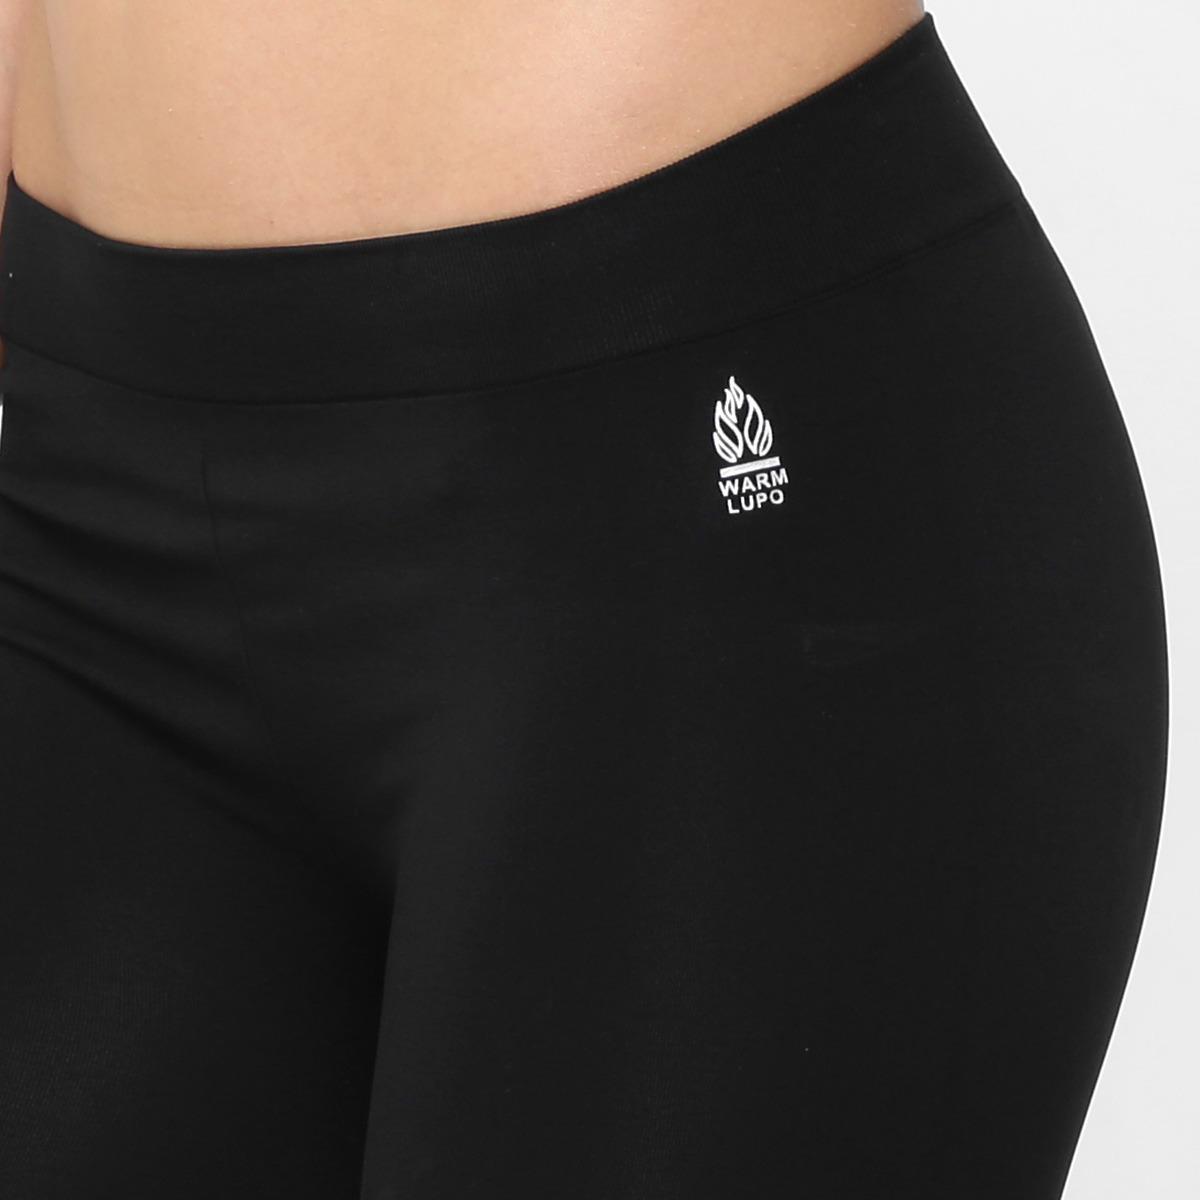 calça termica feminino lupo sports underwear warm - 71582. Carregando zoom. a590da90688a9